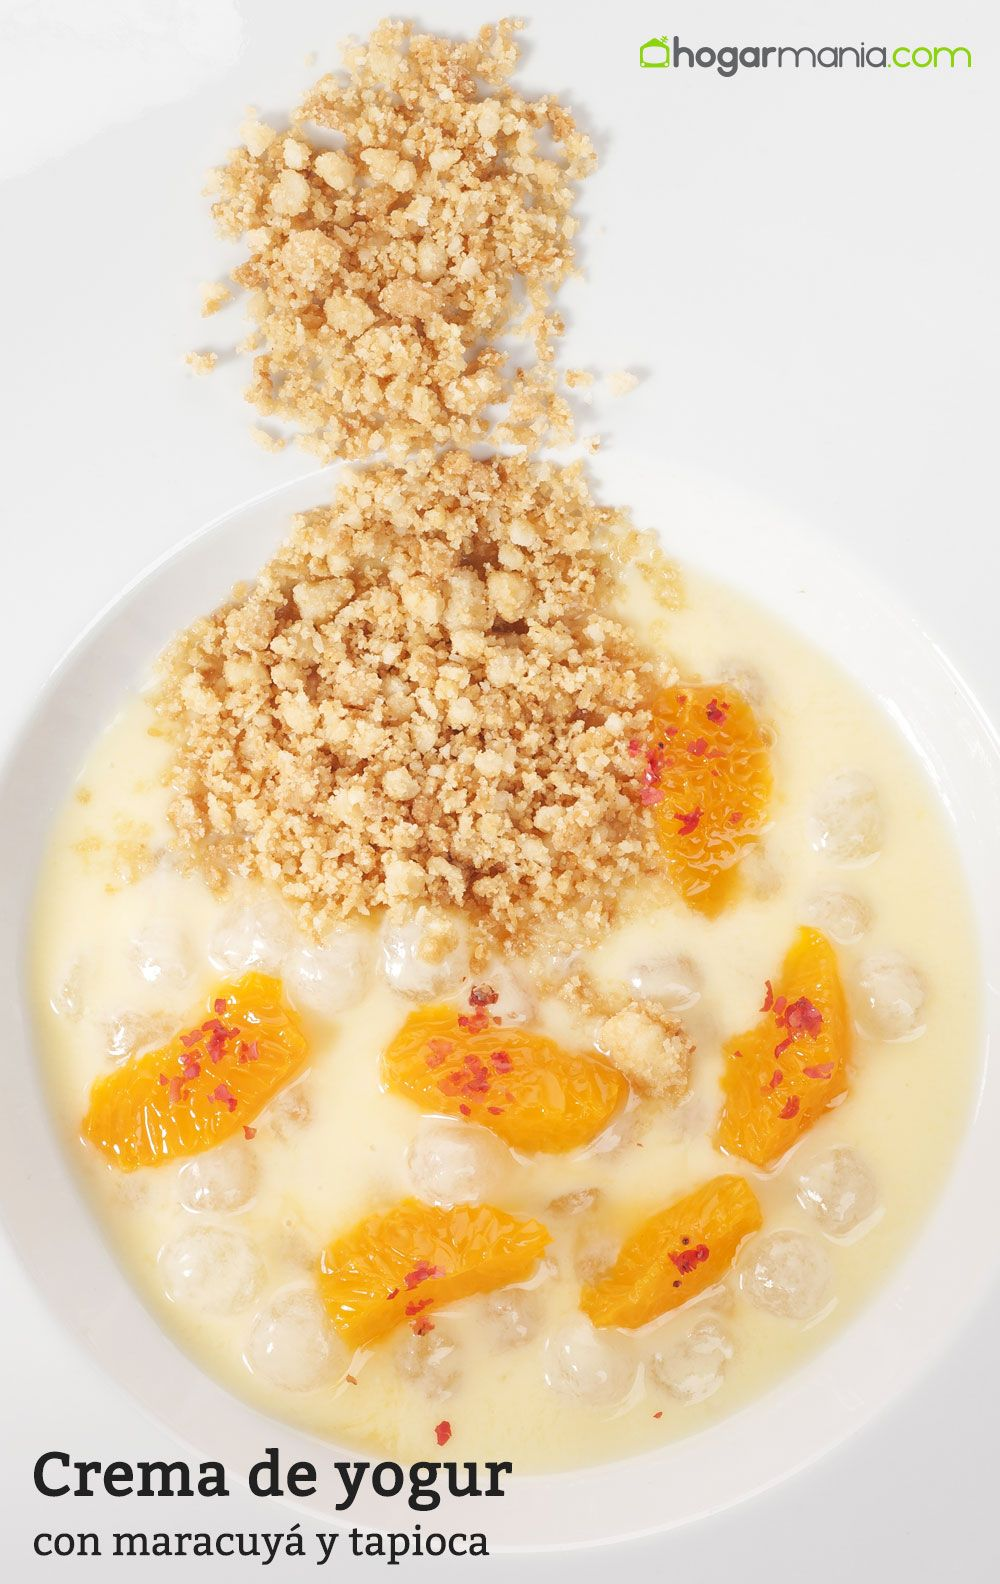 Crema de yogur con maracuyá y tapioca